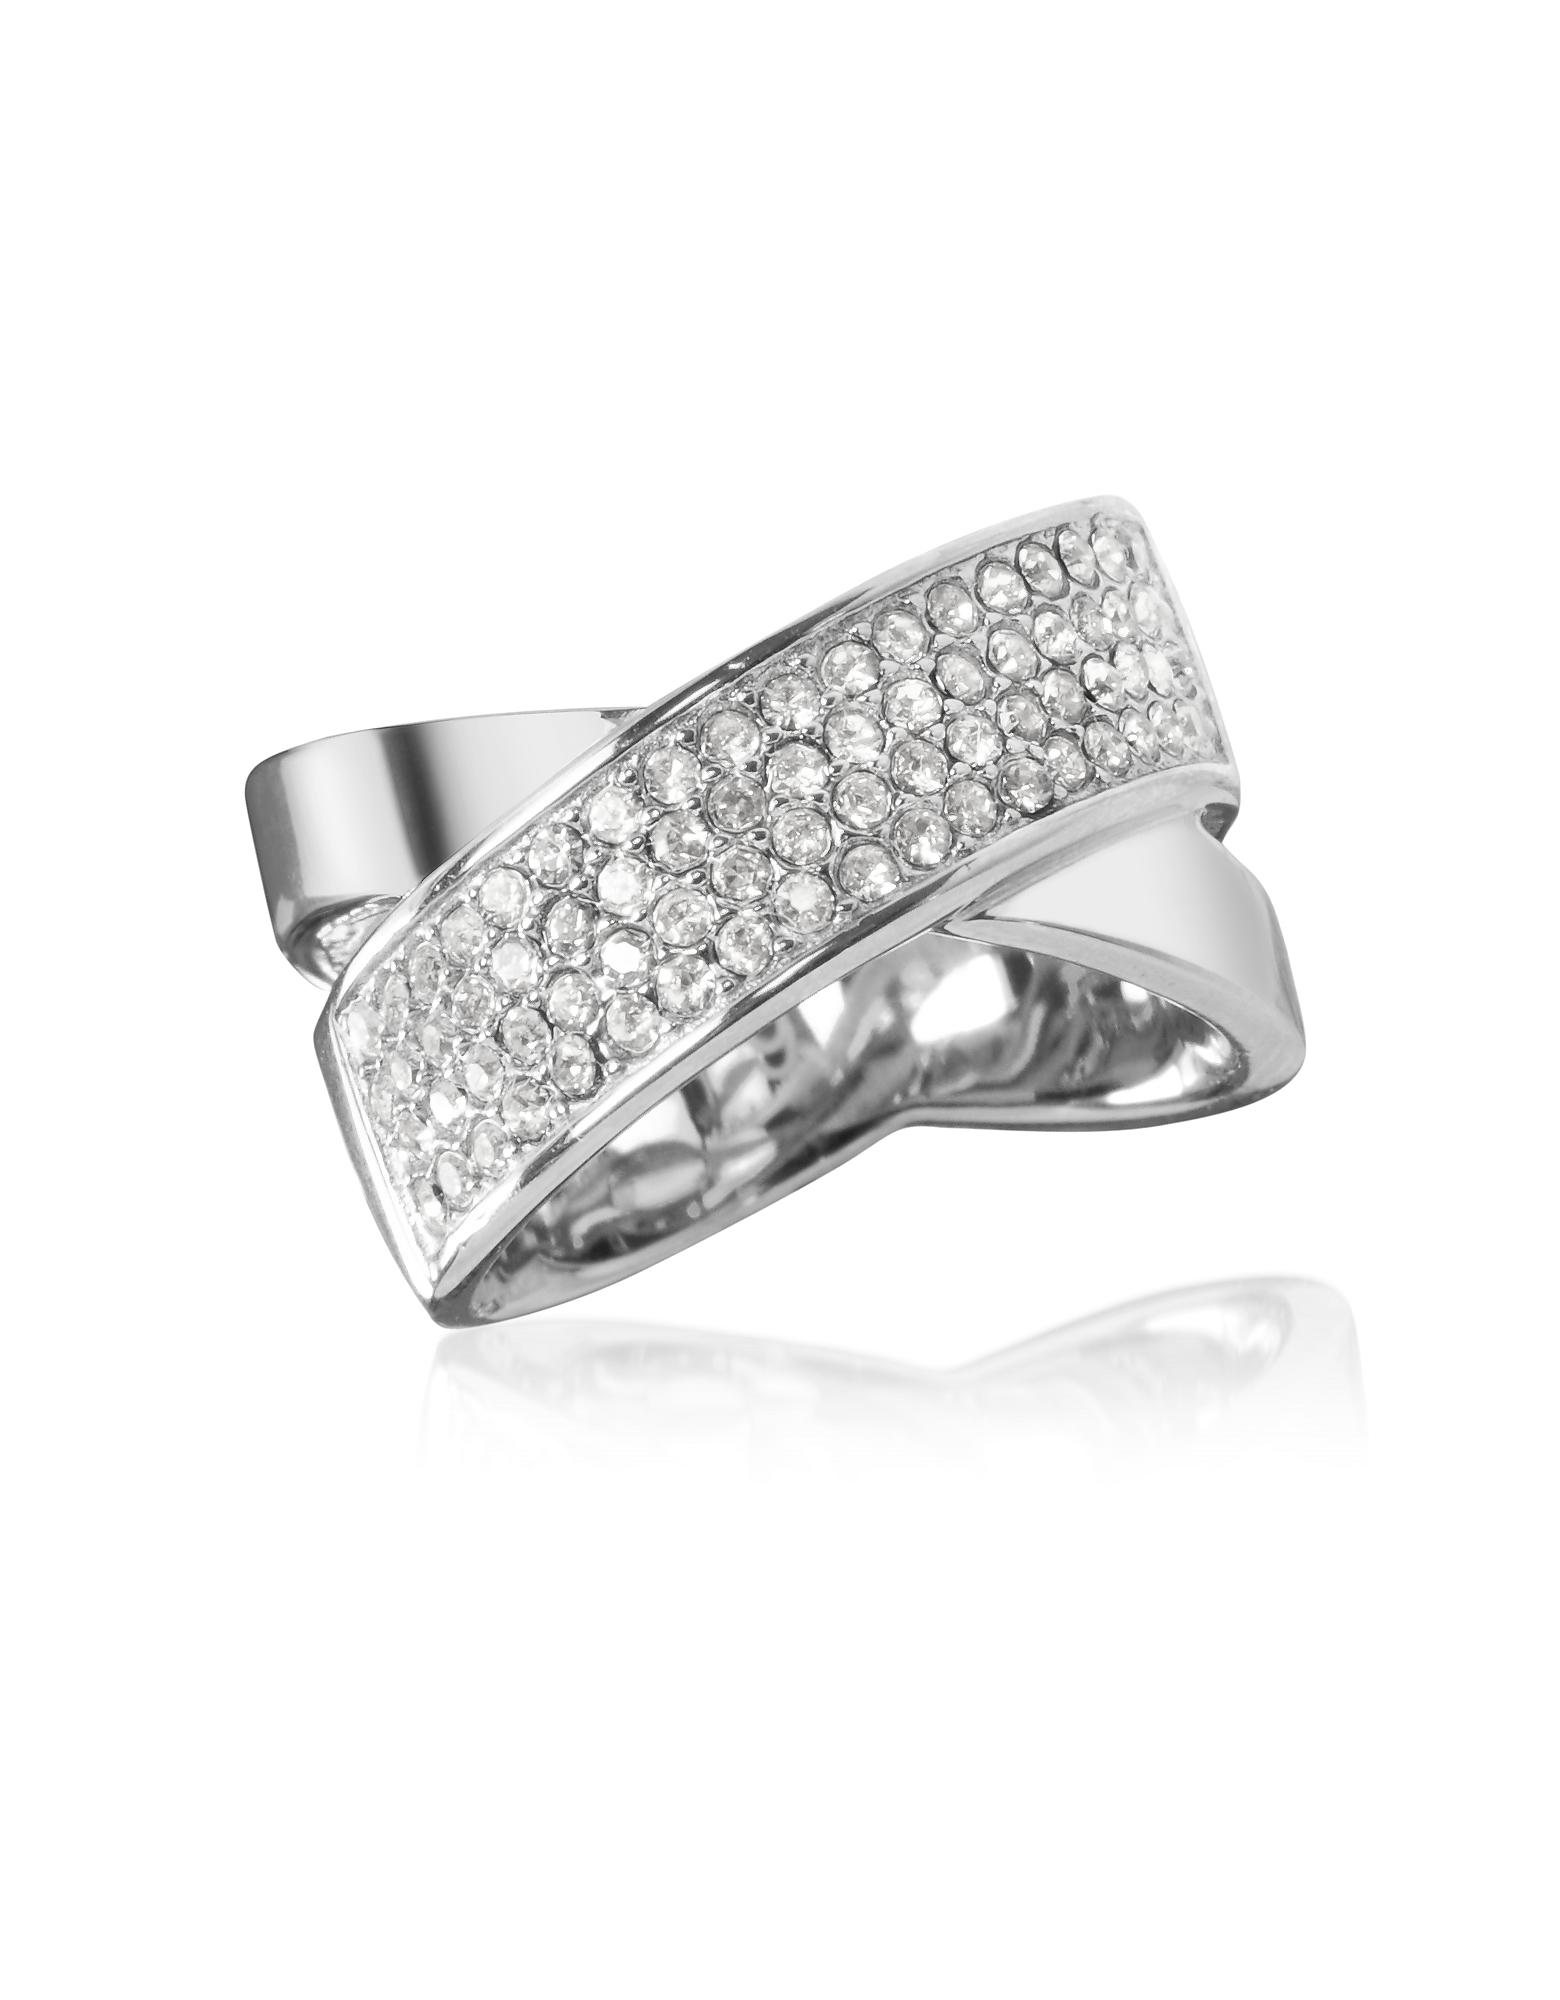 Женское Кольцо из Серебристой Нержавеющей Стали с Паве Кристаллов